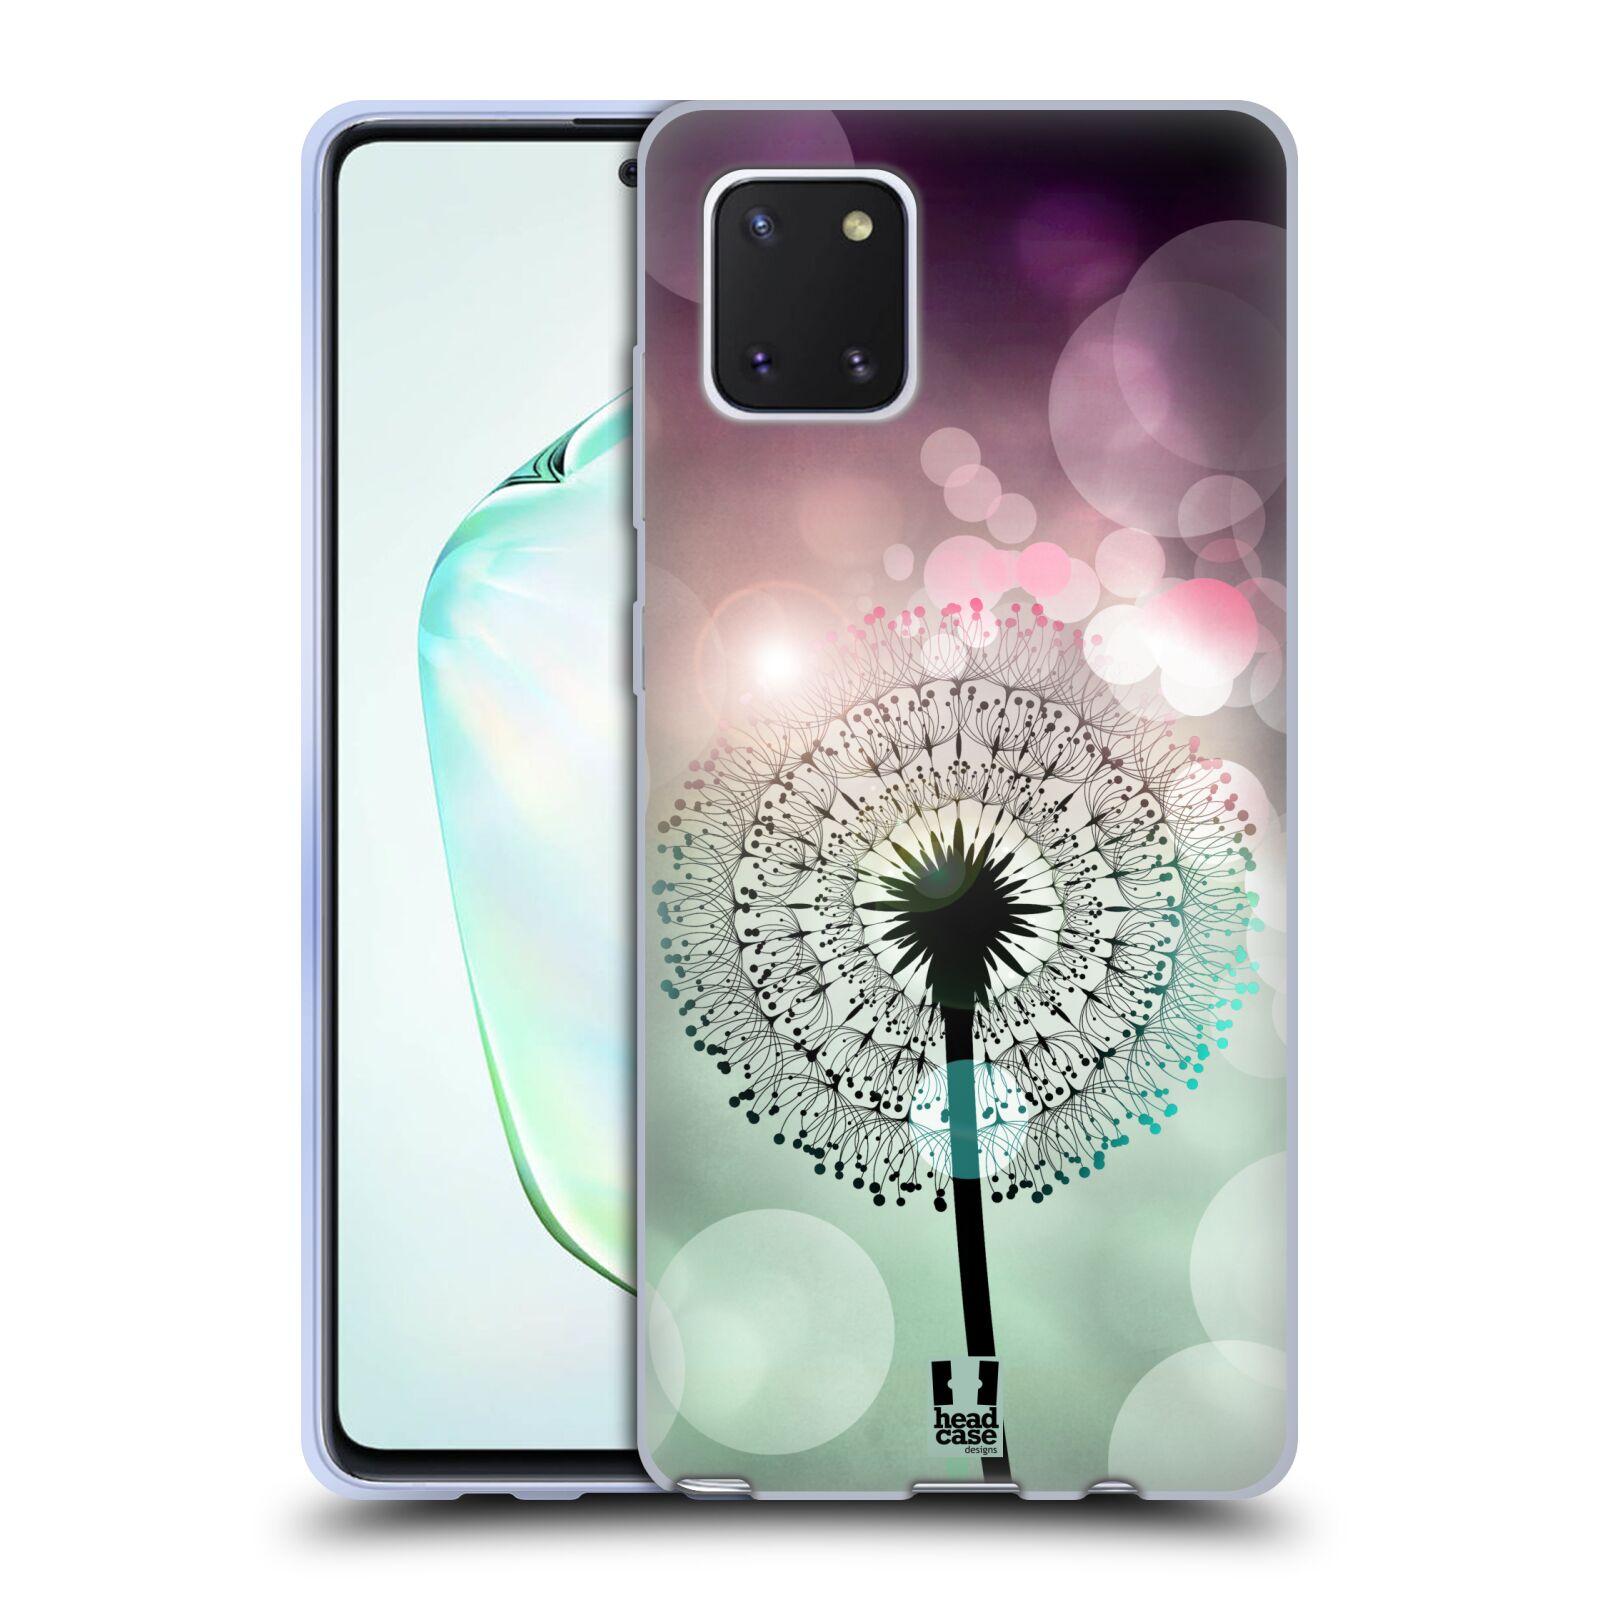 Silikonové pouzdro na mobil Samsung Galaxy Note 10 Lite - Head Case - Pampeliškové odlesky